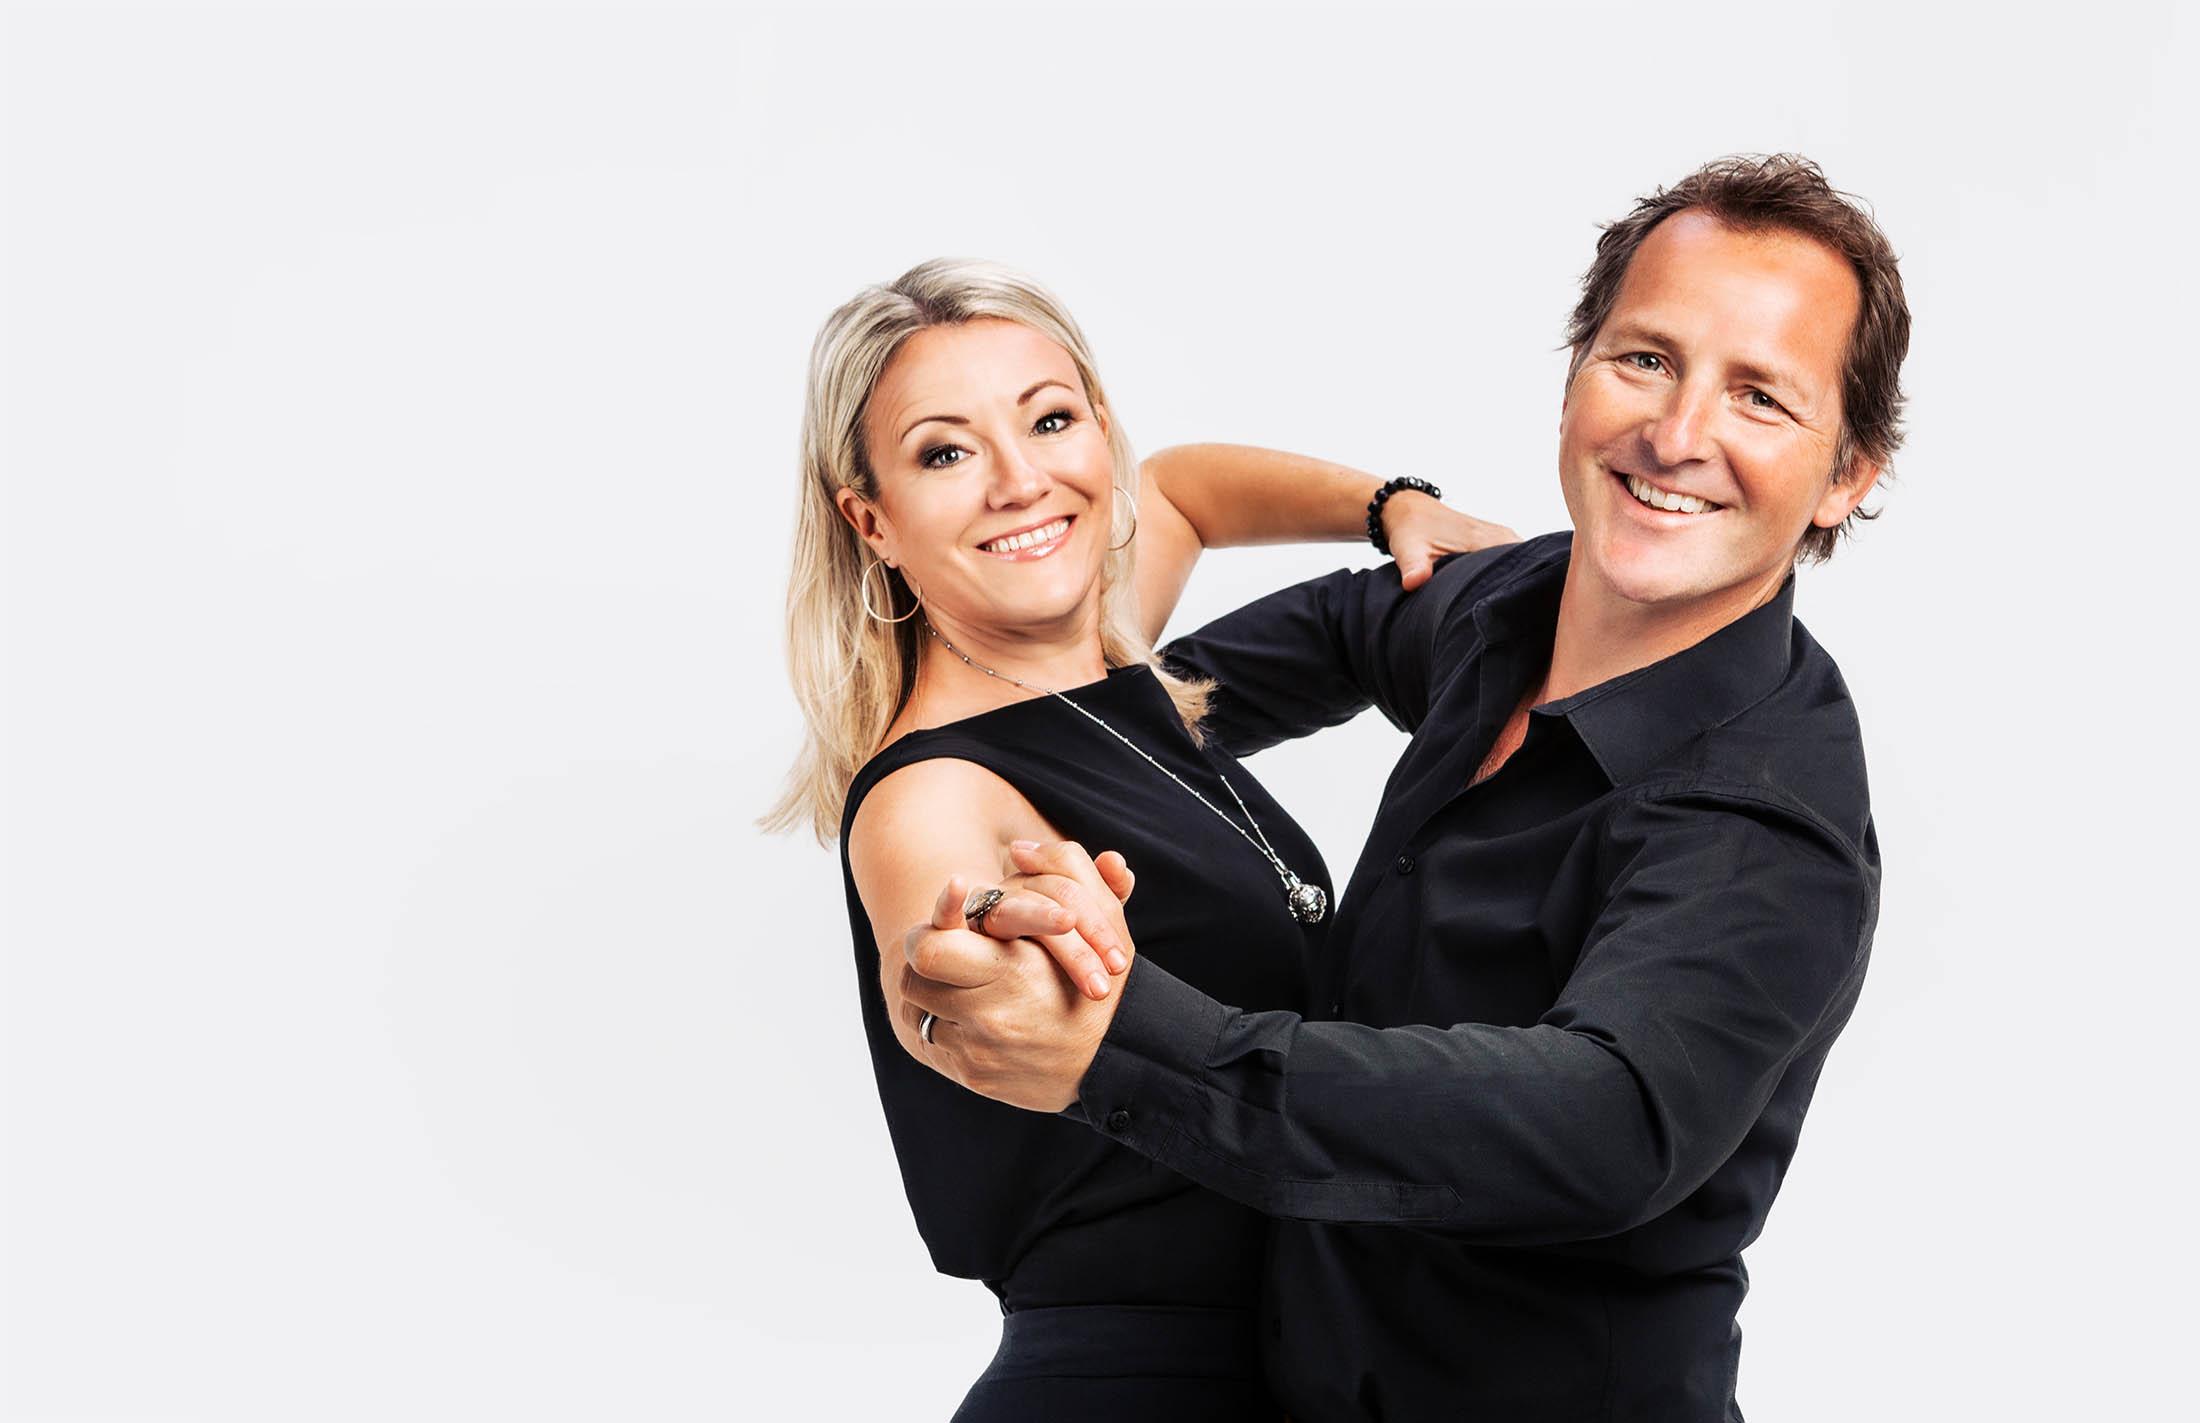 Andy & Kelly Kainz - danscursus voor uw bruiloft